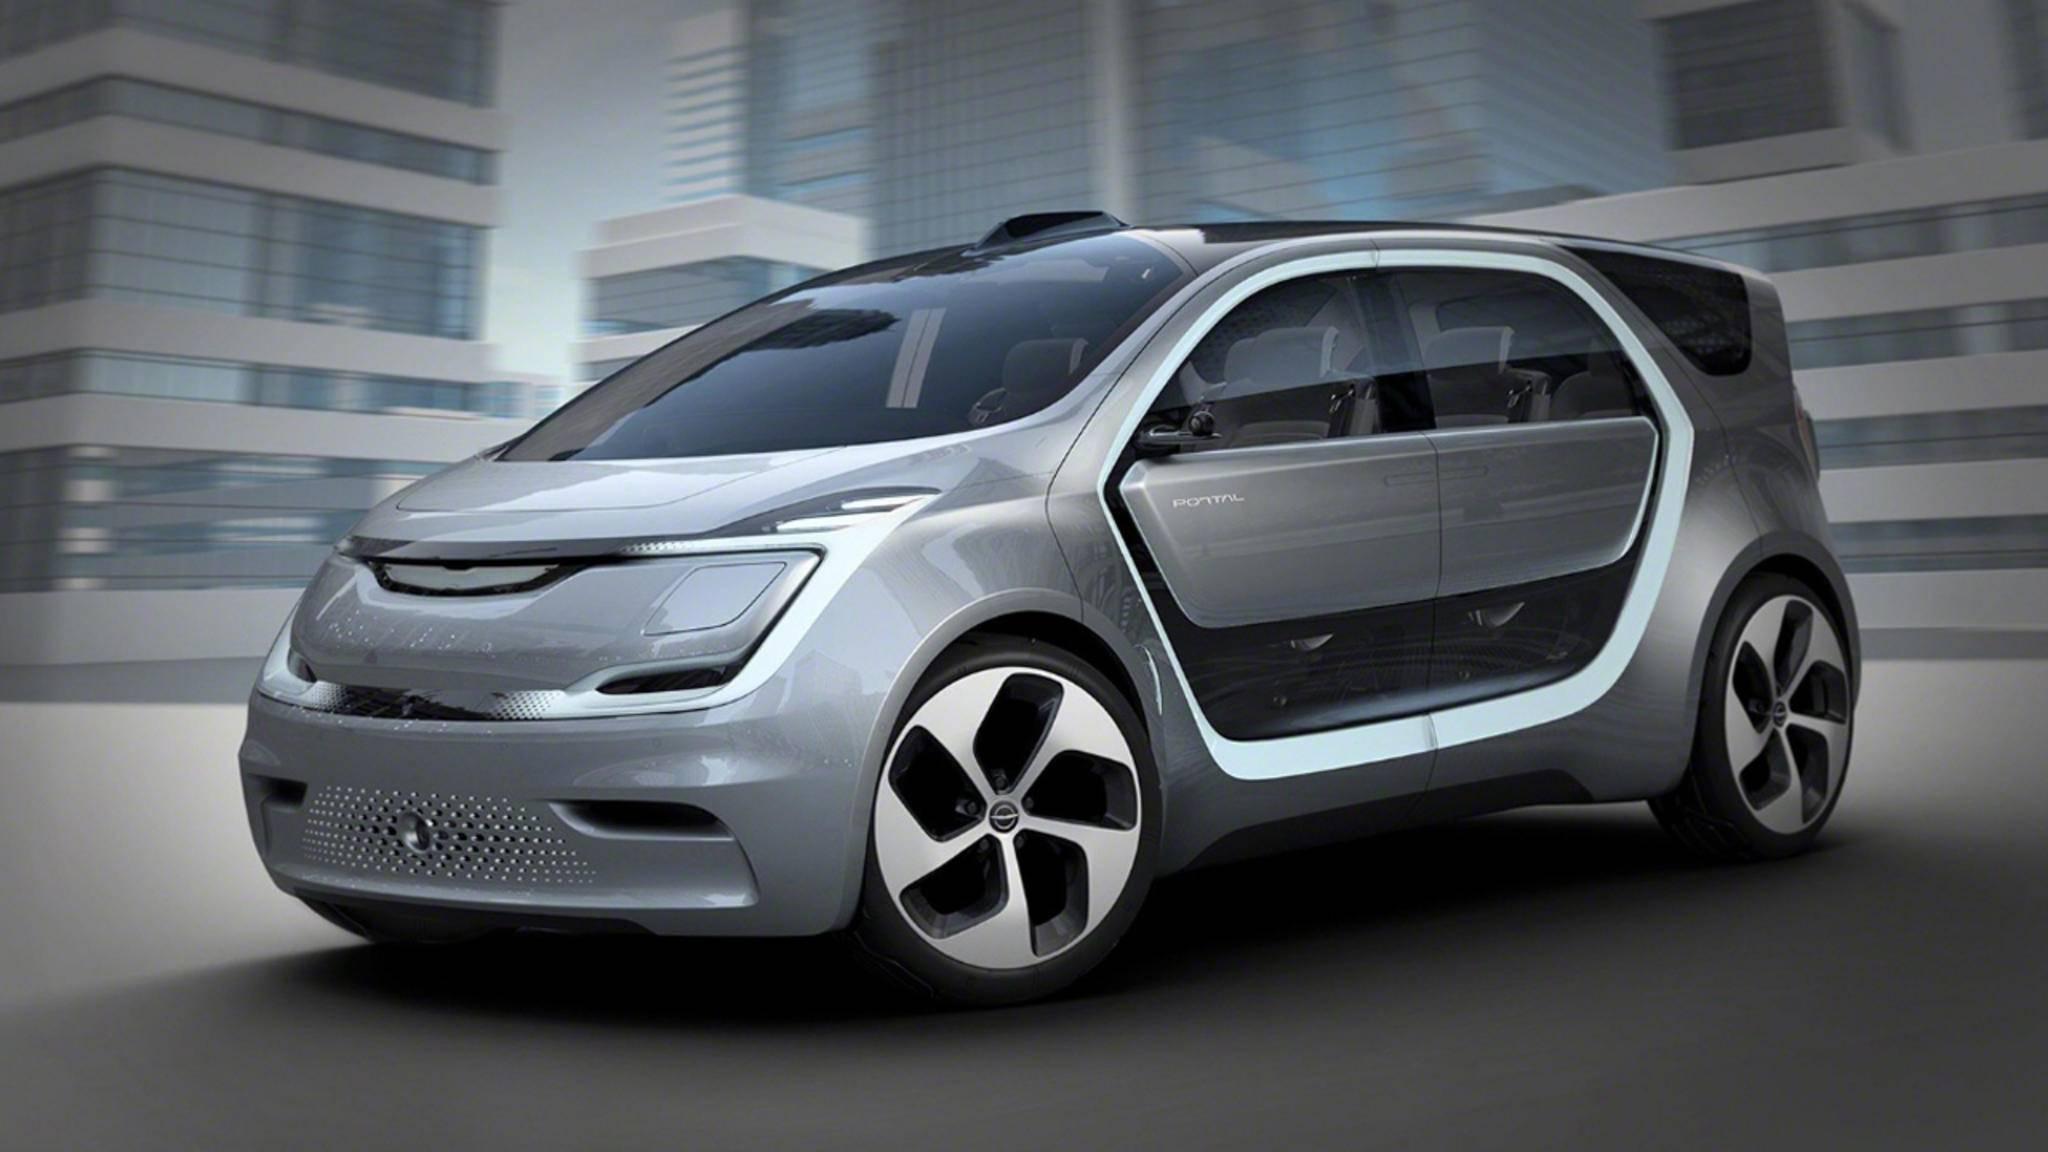 Das Chrysler Portal Concept gibt mit allerlei High-Tech im Inneren einen Vorgeschmack auf das Auto der Zukunft.